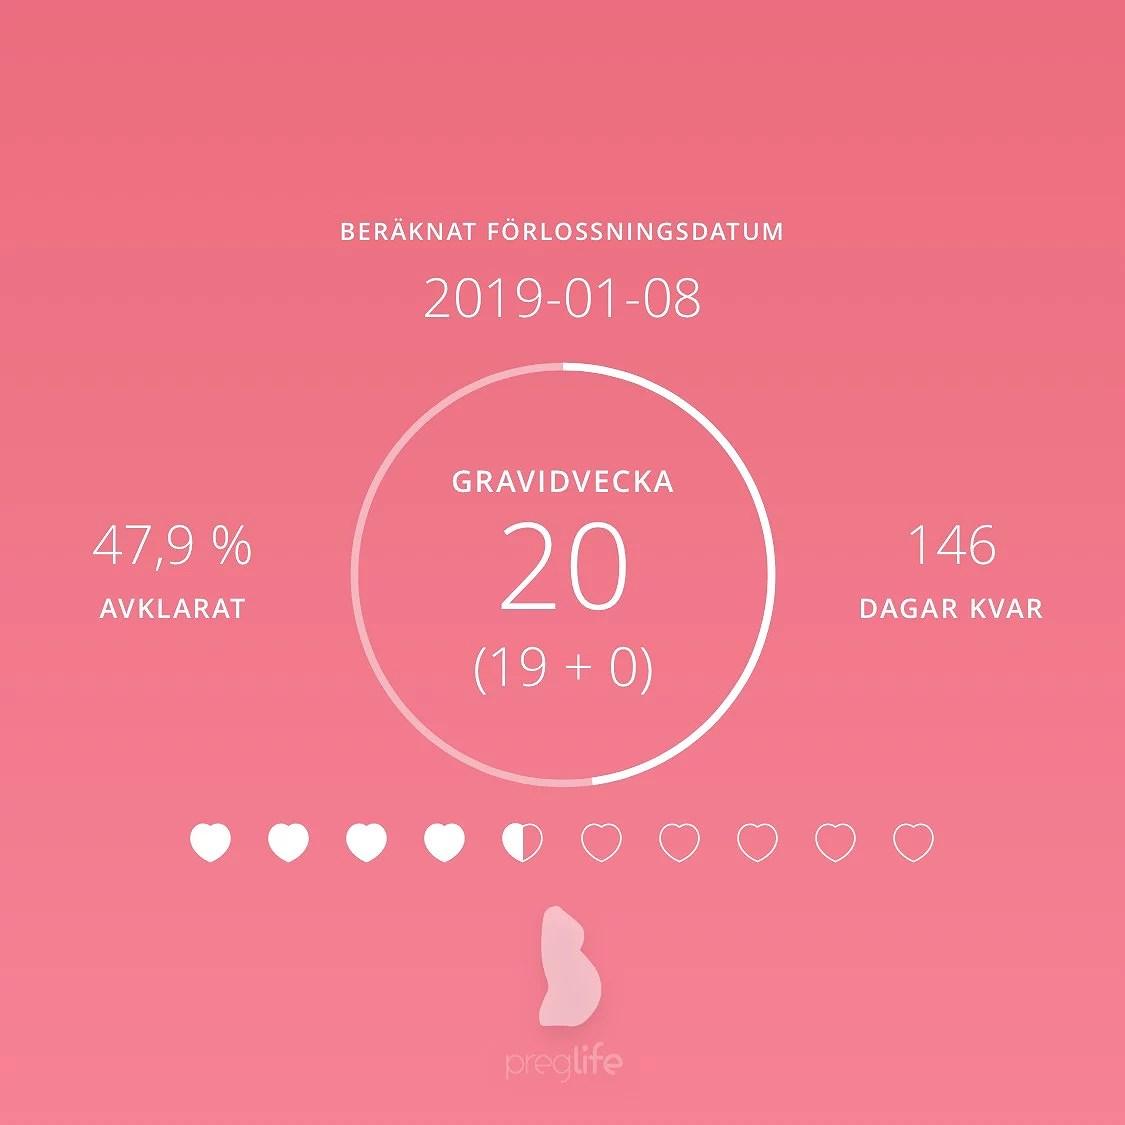 Gravid vecka 20